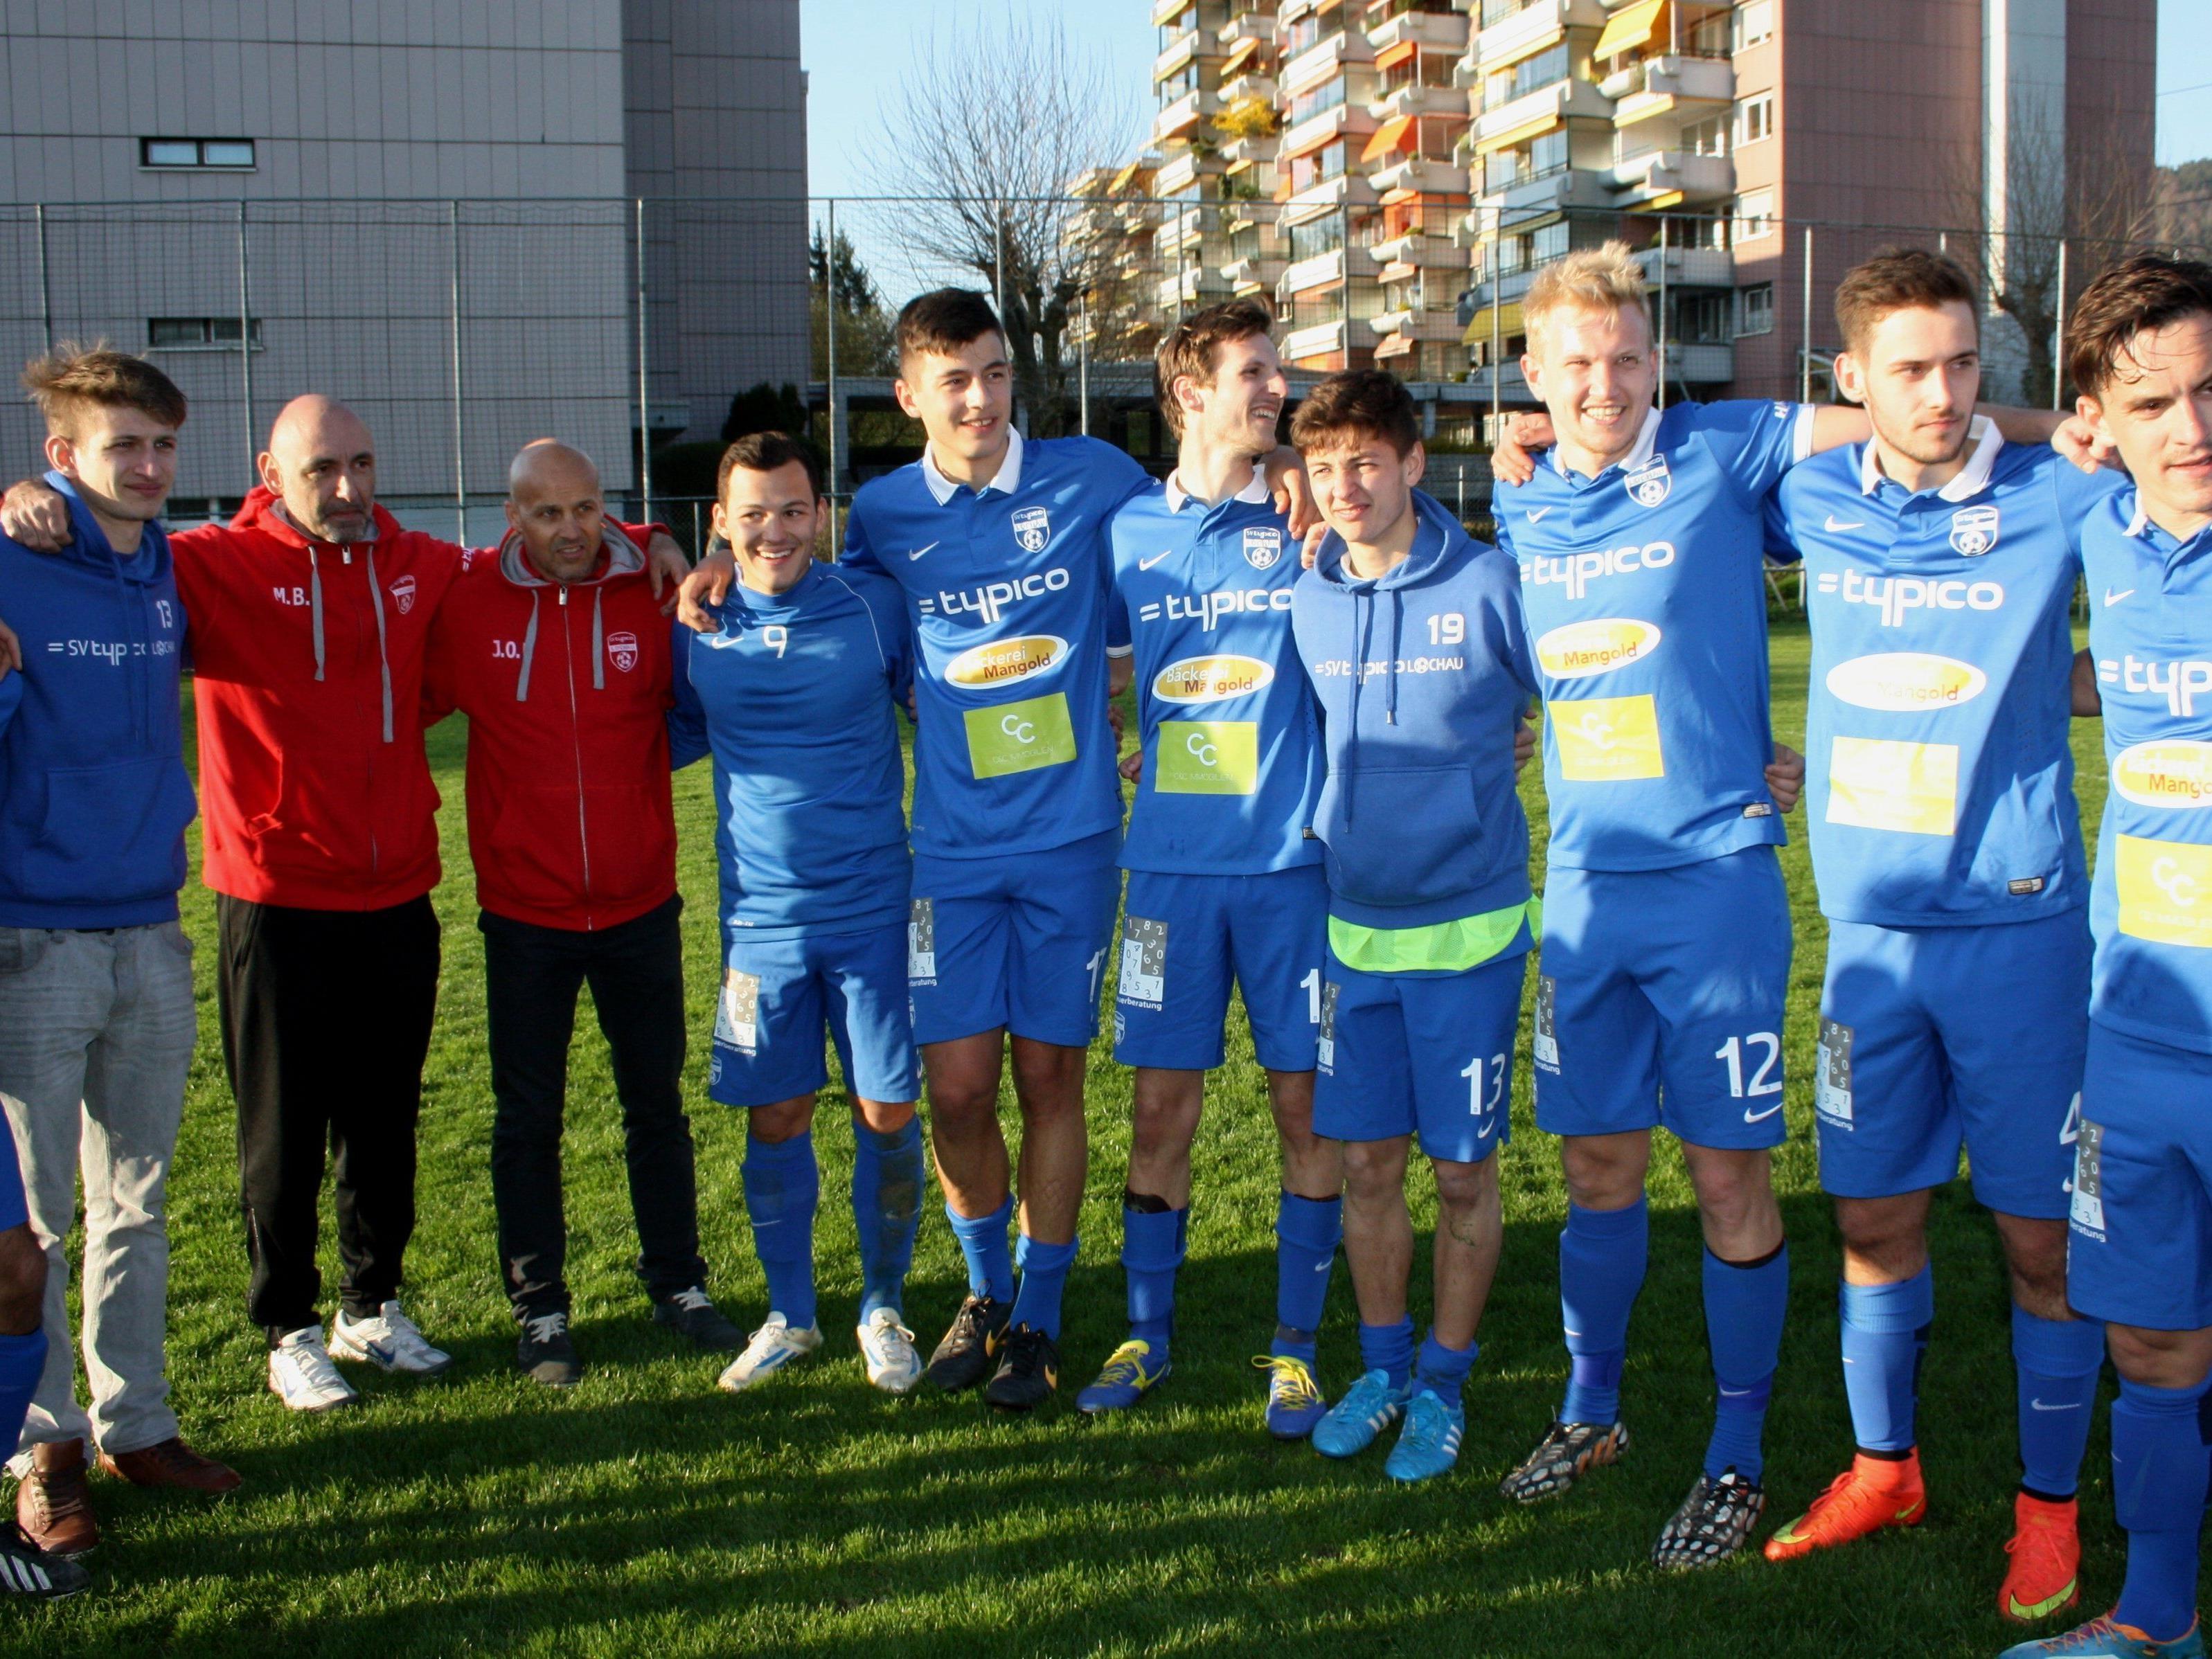 Bestens motiviert kämpft das Team um das Trainerduo Jan Ove Pedersen und Marco Bologna am Samstag im letzten Meisterschaftsspiel um den Aufstieg in die Vorarlbergliga.